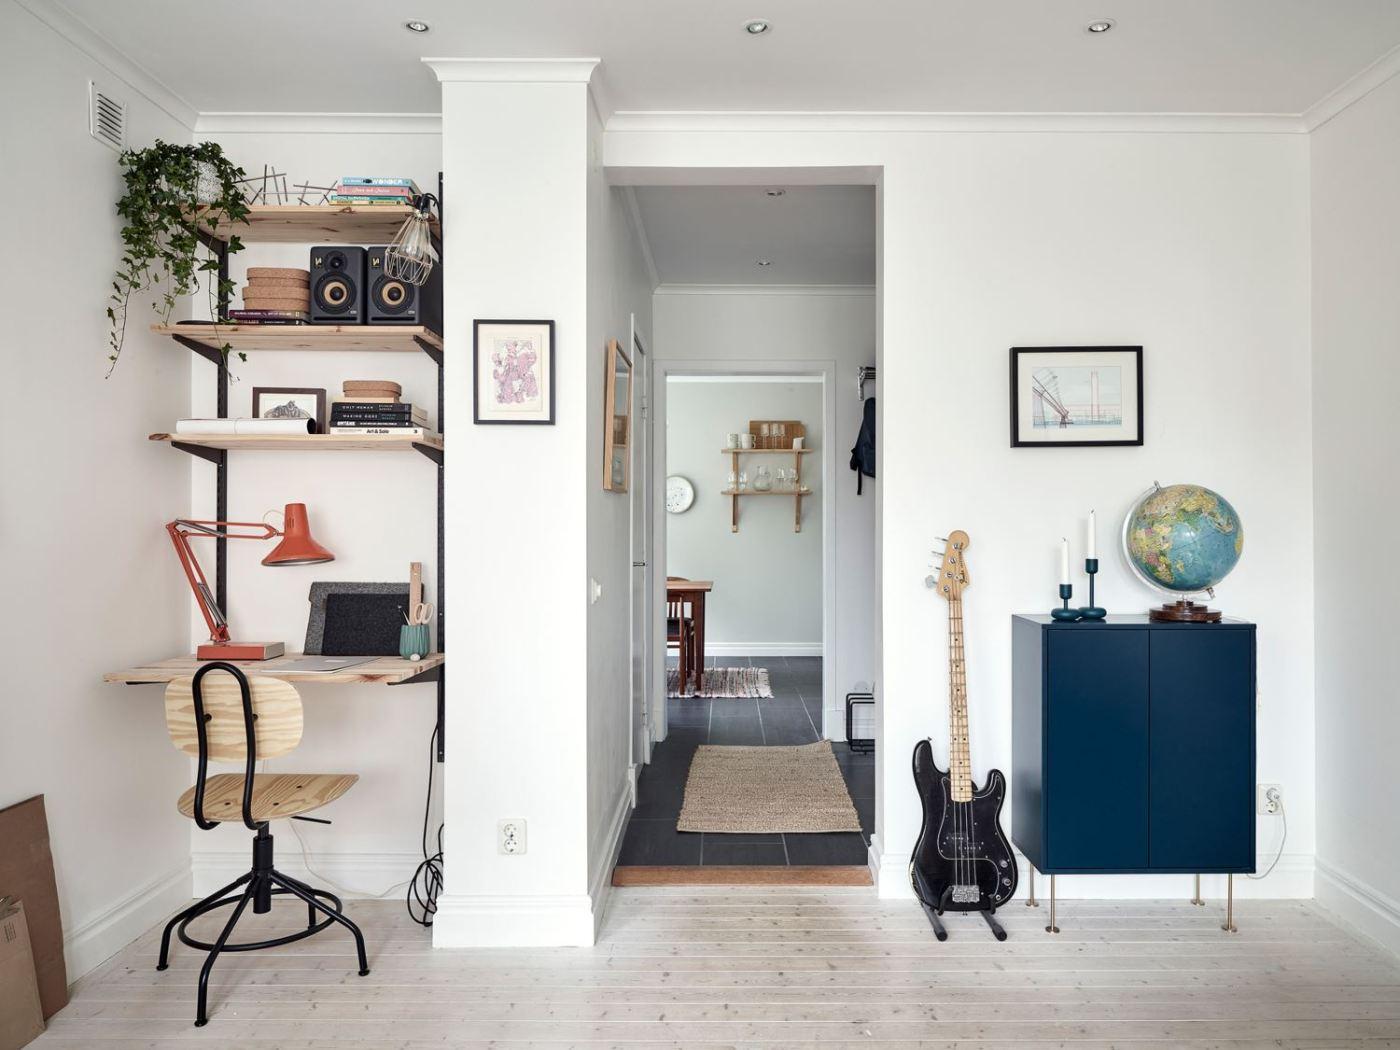 5 tiny yet beautiful room ideas 02